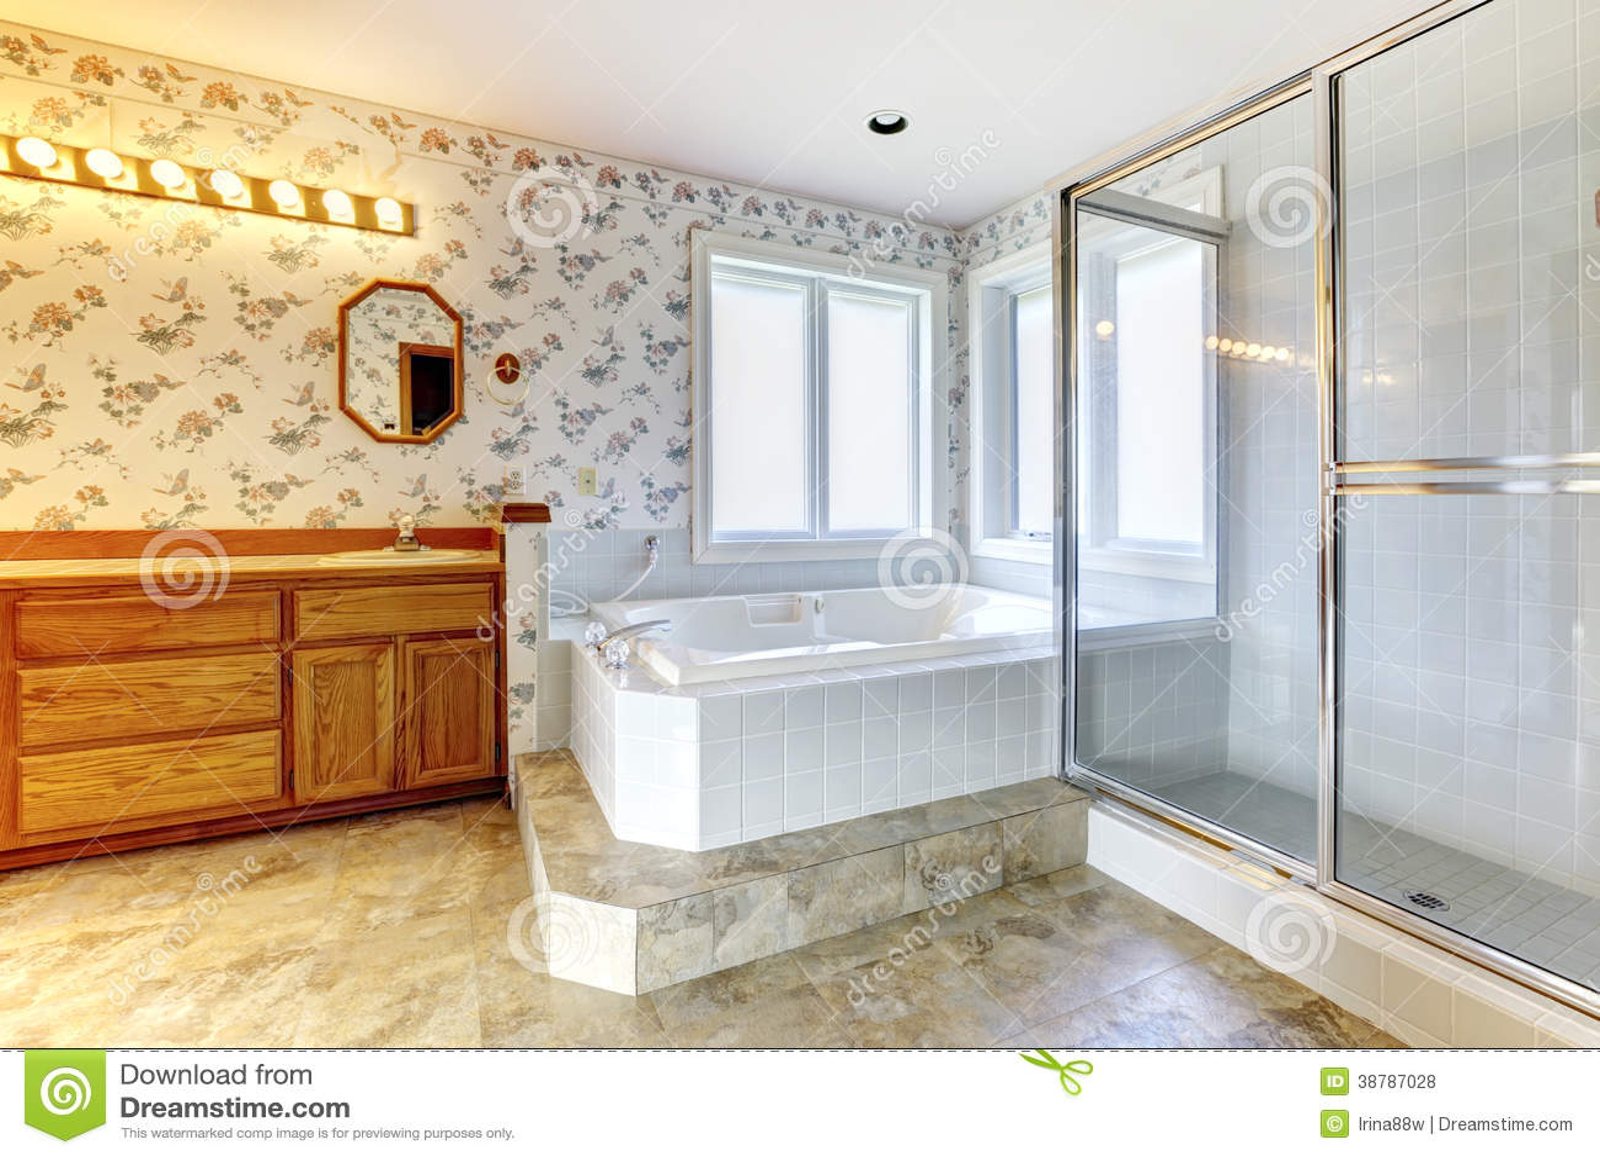 Cuarto de ba o floral con la tina y la ducha blancas foto - Cuartos de bano con ducha fotos ...